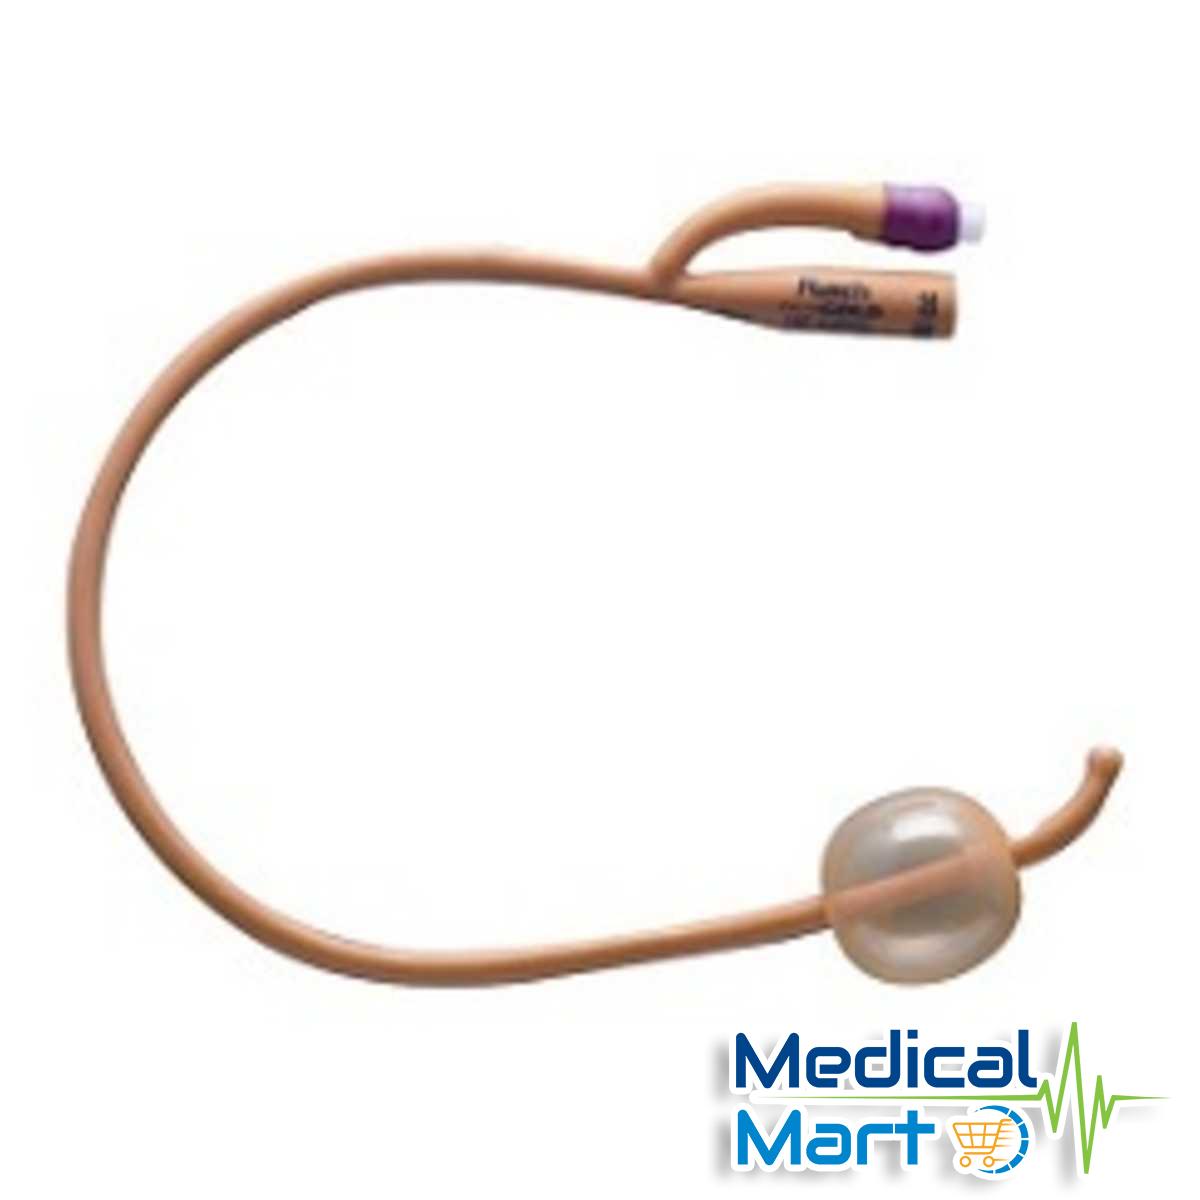 2-Way Balloon Foley Catheter, Purple, 22fr